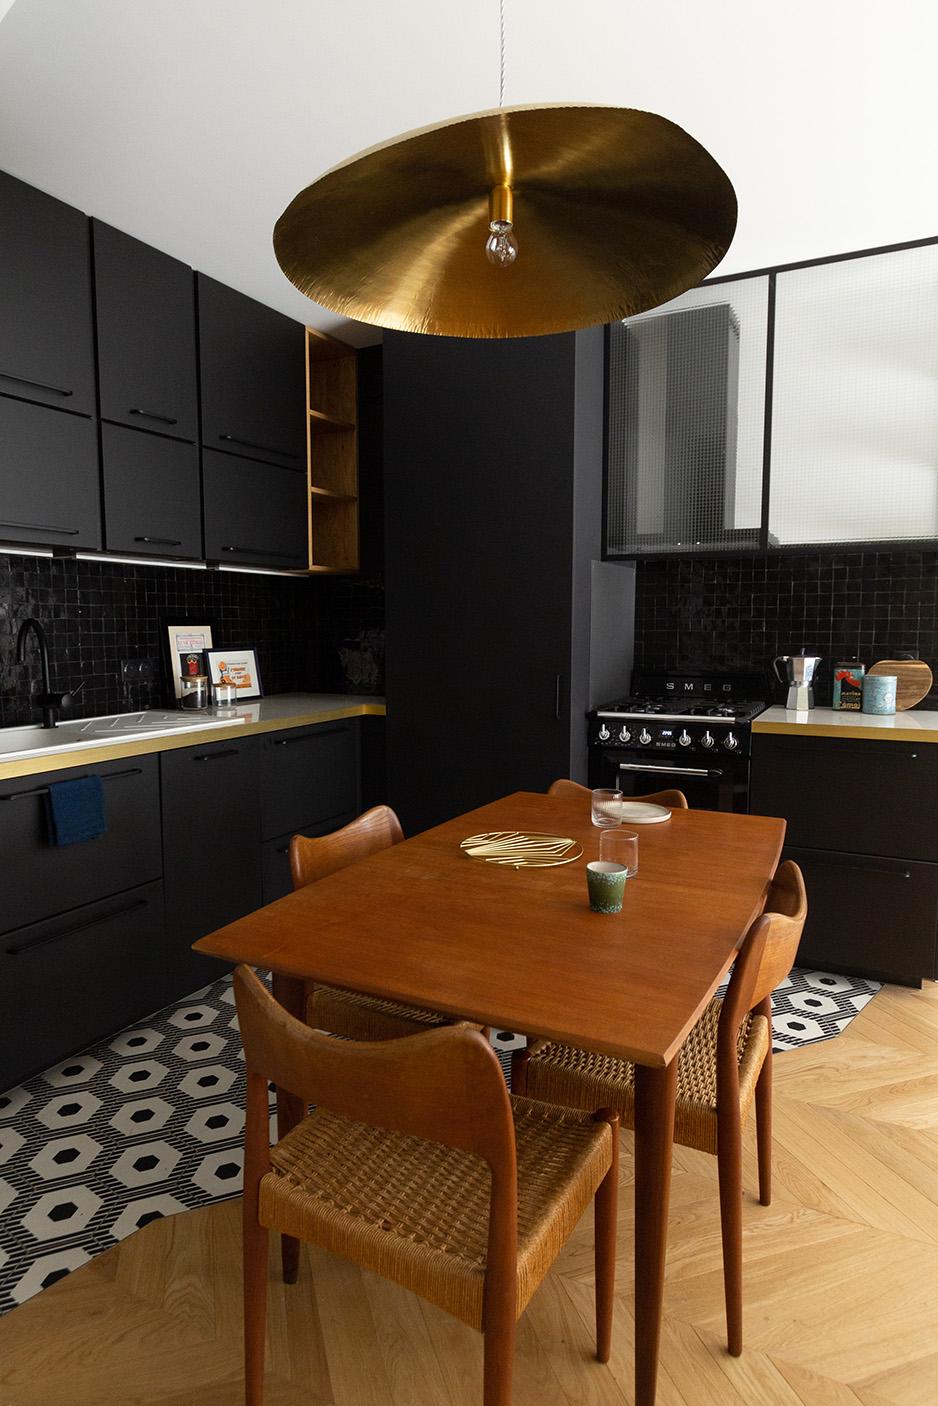 Rénovation haussmannien - cuisine noire, laiton et zelliges - meubles chinés - Architecte intérieur Paris - Studio Mariekke